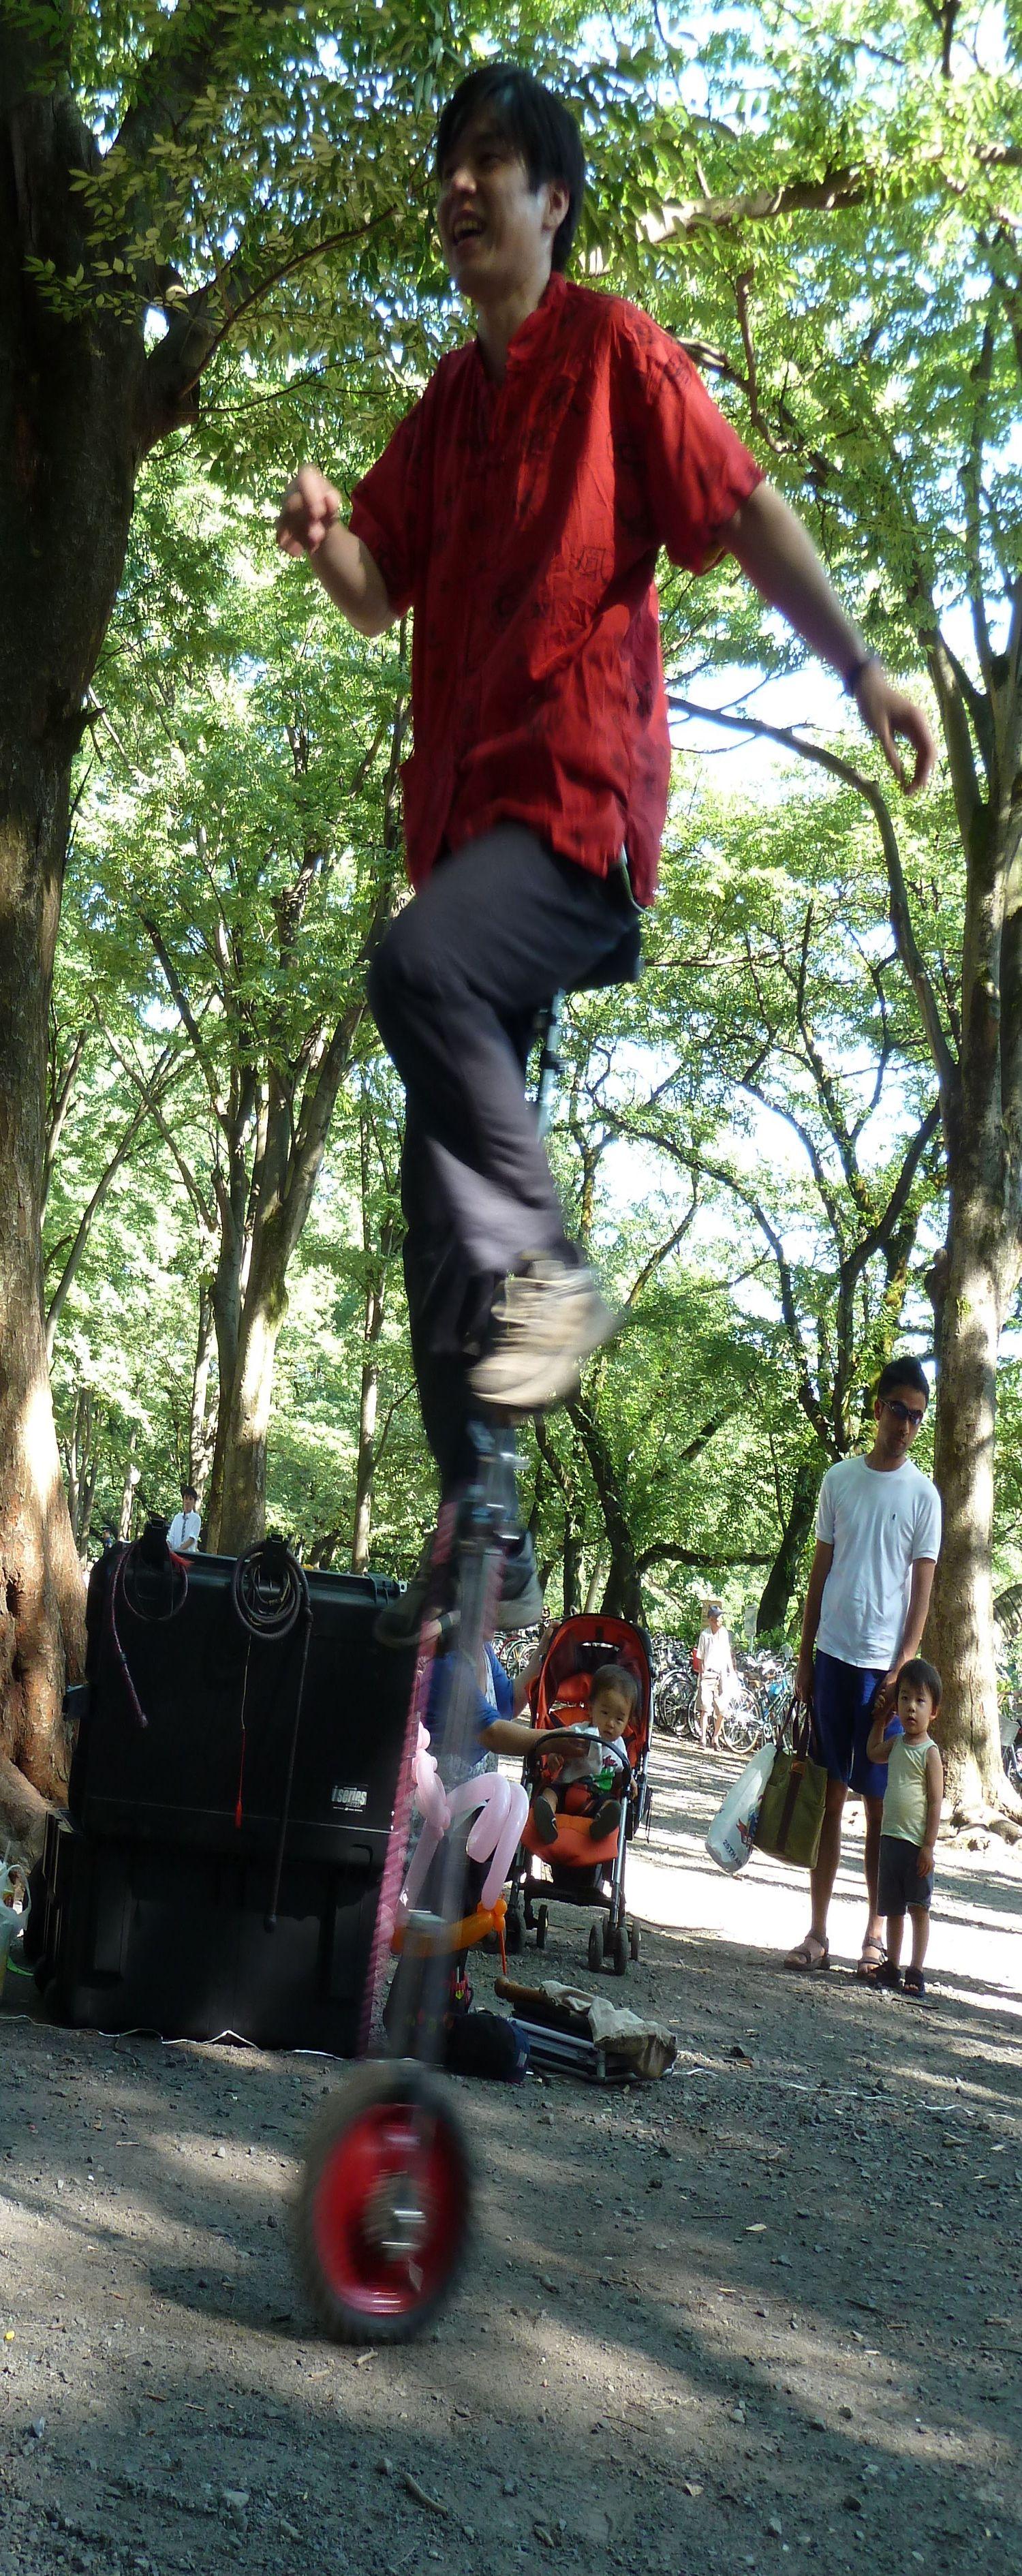 井の頭公園で大野智が見た大道芸人 一輪車 ナイフ